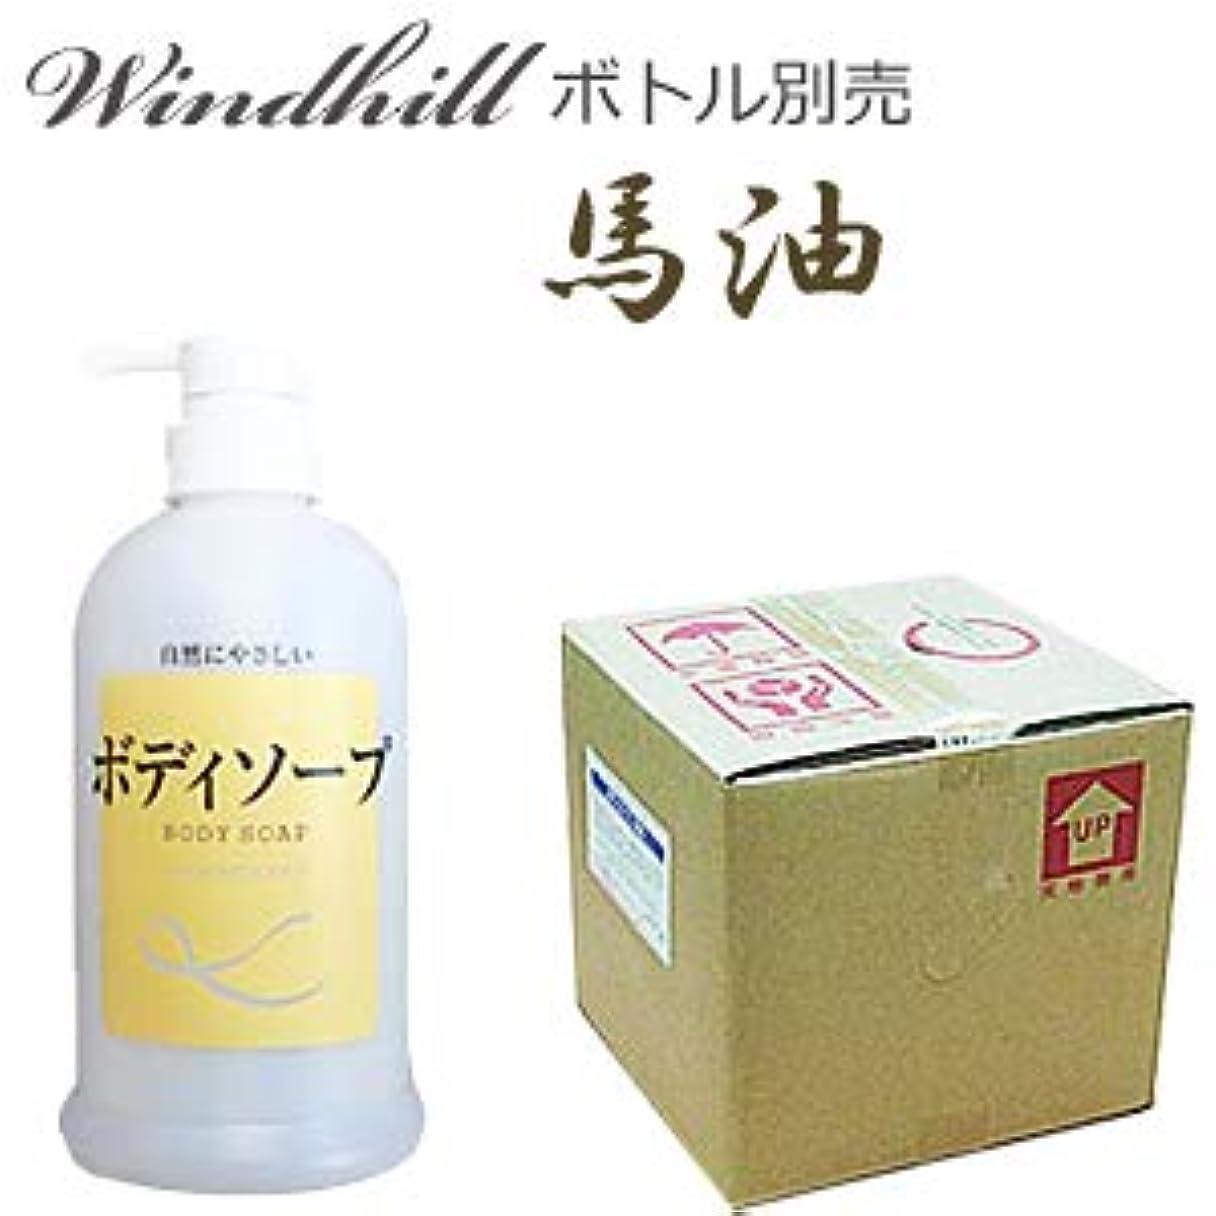 チャーミング聴覚キャストなんと! 500ml当り190円 Windhill 馬油 業務用 ボディソープ   フローラルの香り 20L